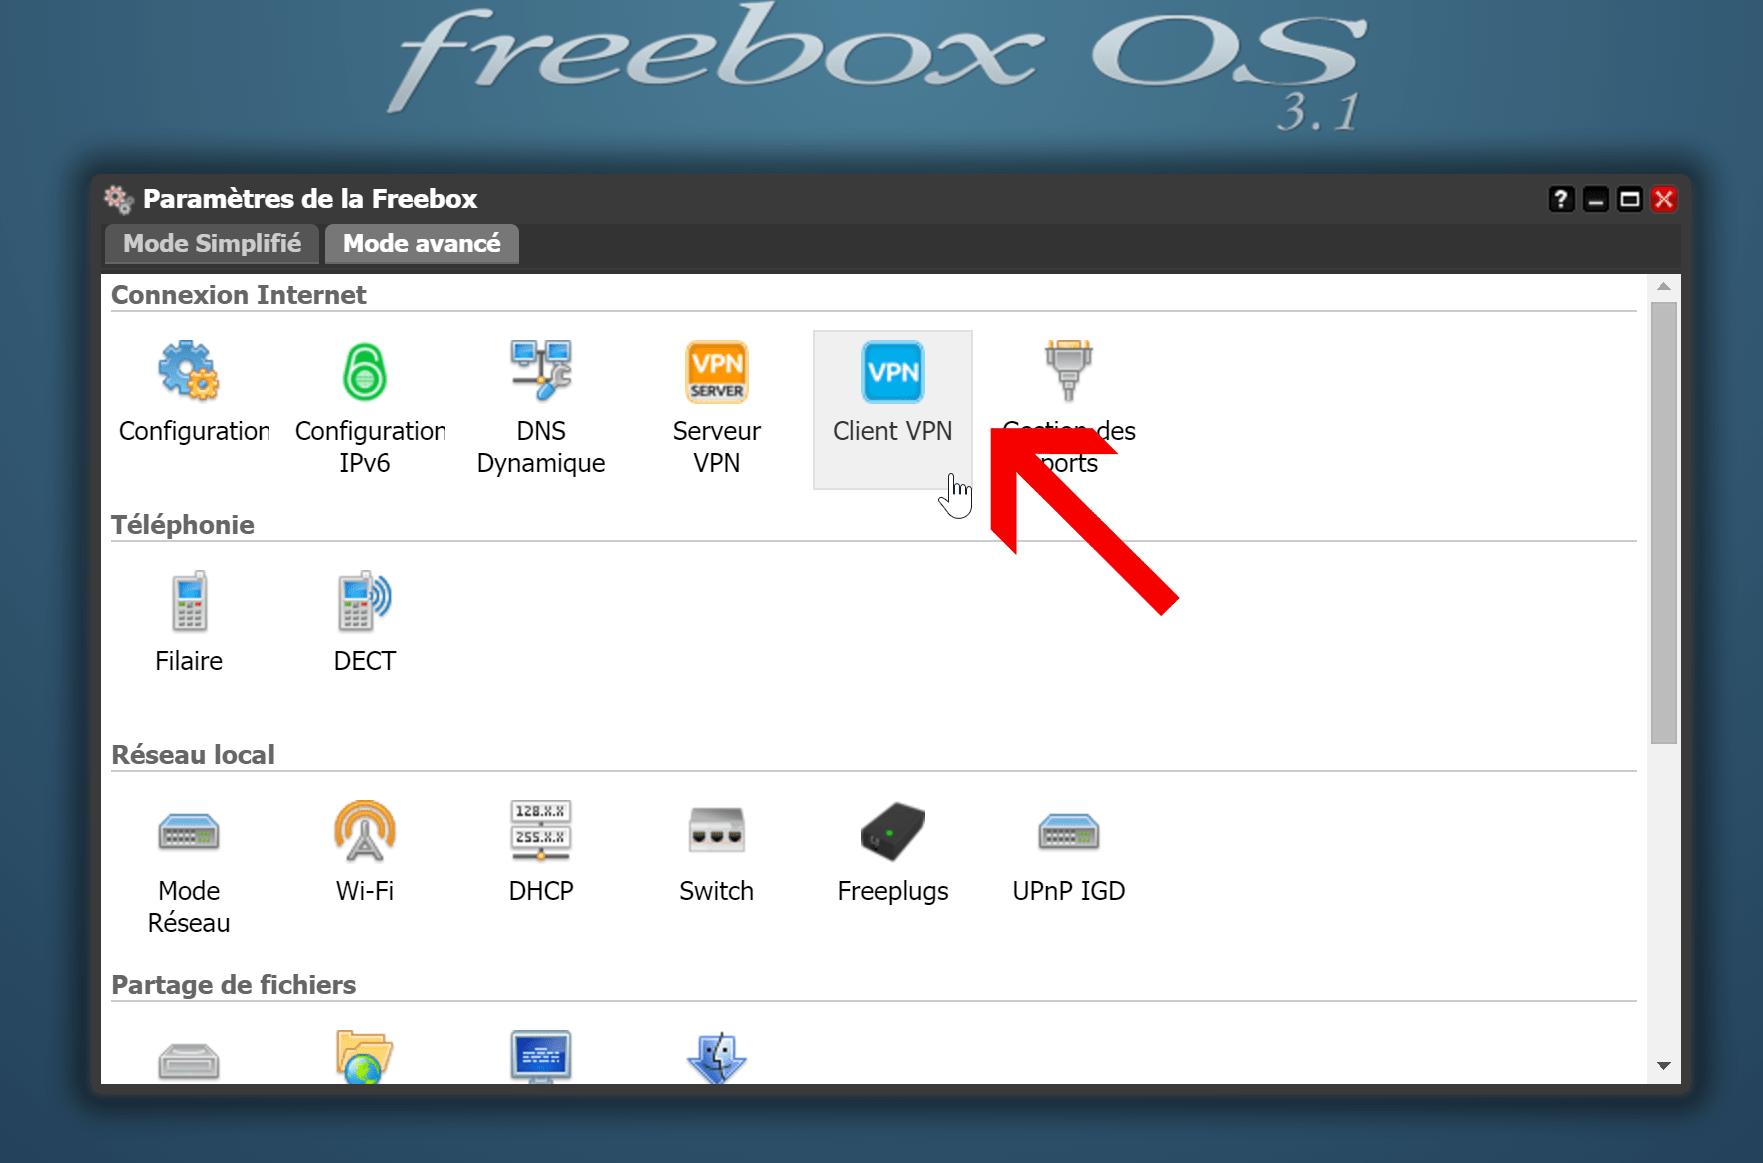 configurer-le-client-vpn-de-la-freebox-client-vpn